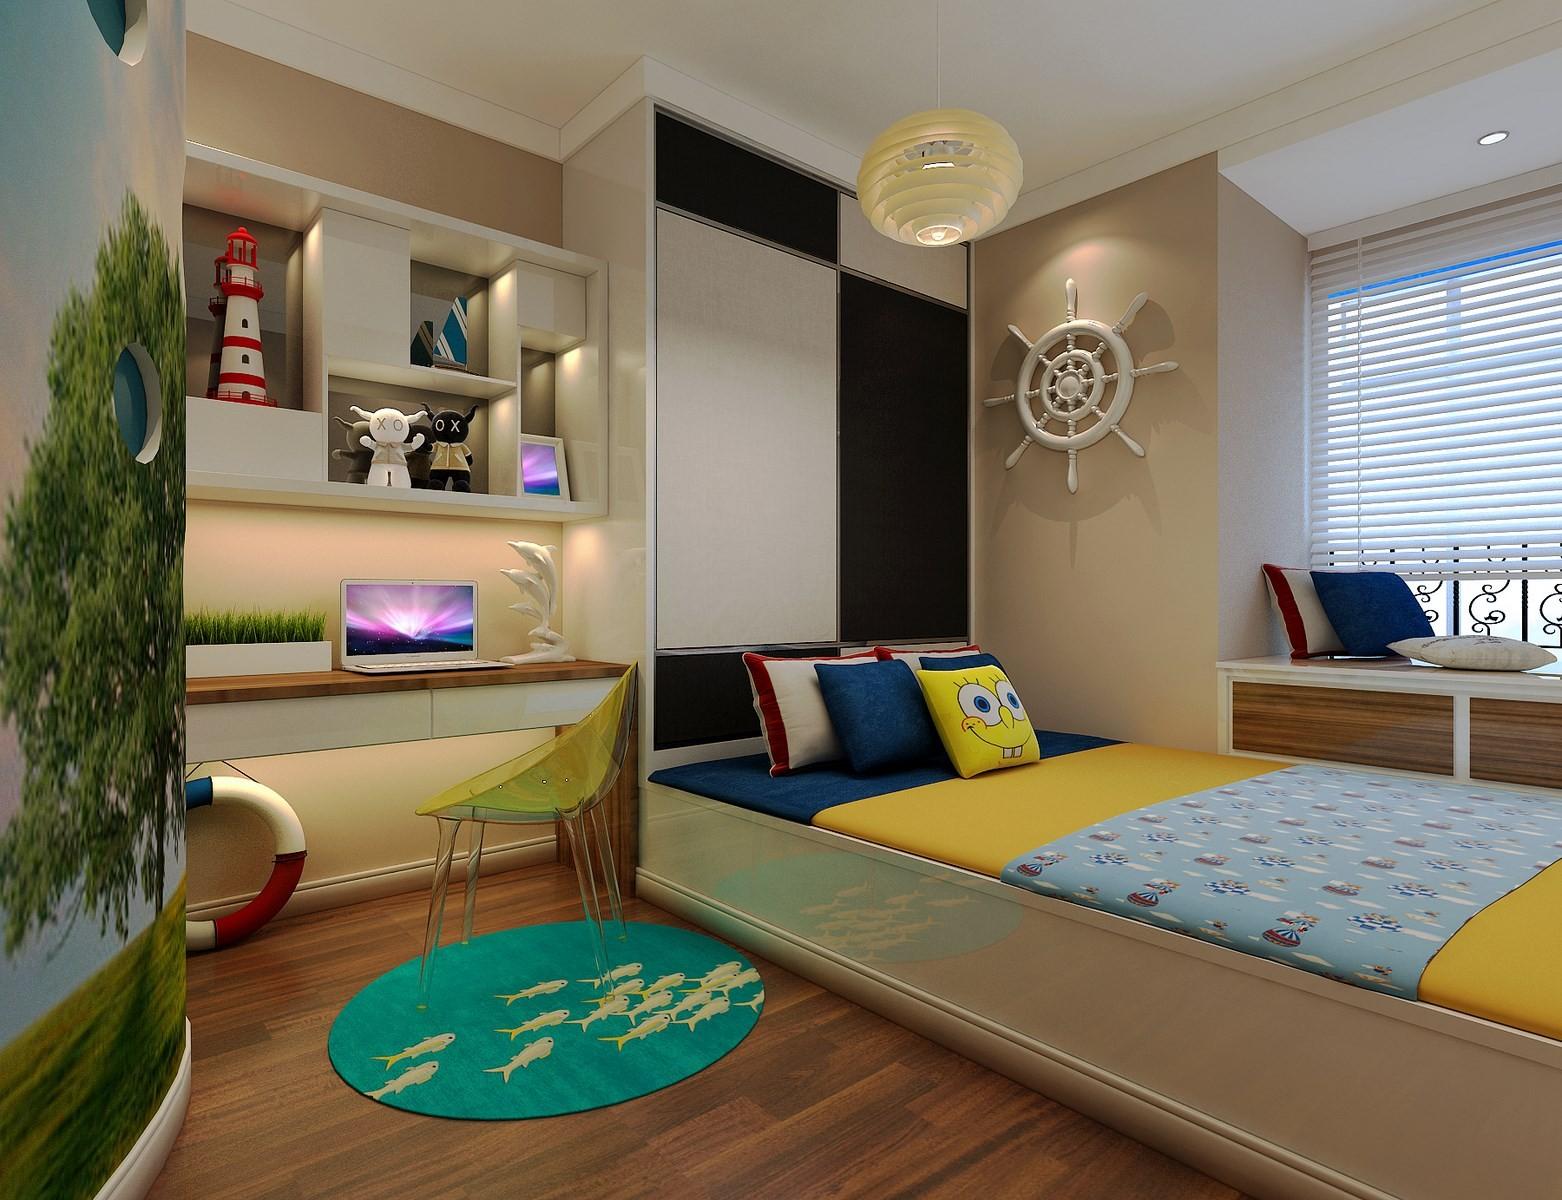 2020现代简约儿童房装饰设计 2020现代简约书架装饰设计